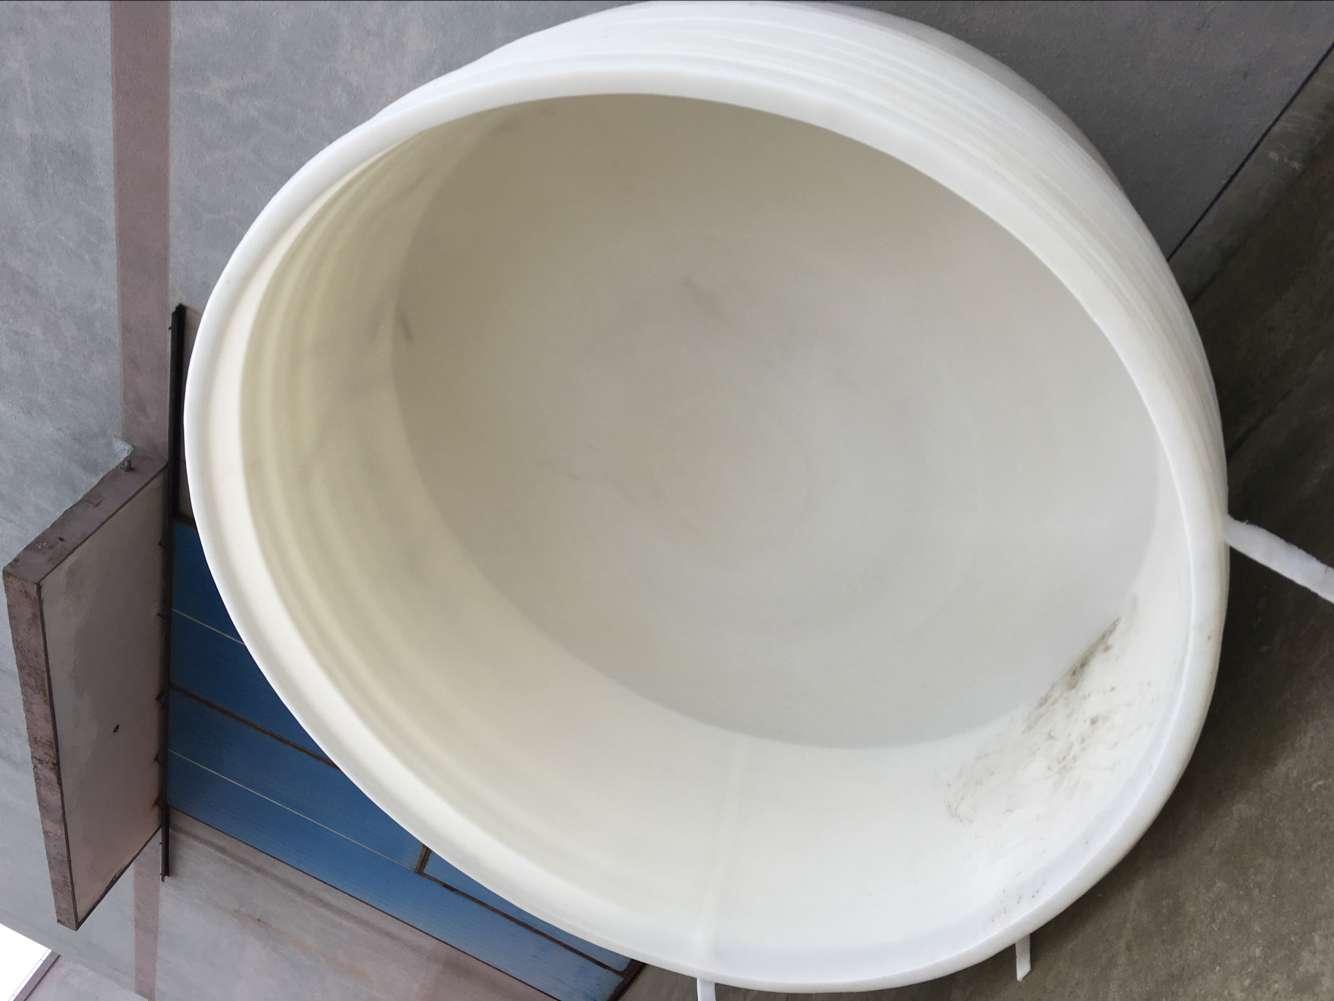 鸭蛋腌制桶巴州泥鳅鱼苗孵化桶广州鱼菜共生桶-泥鳅鱼苗报价 厂家